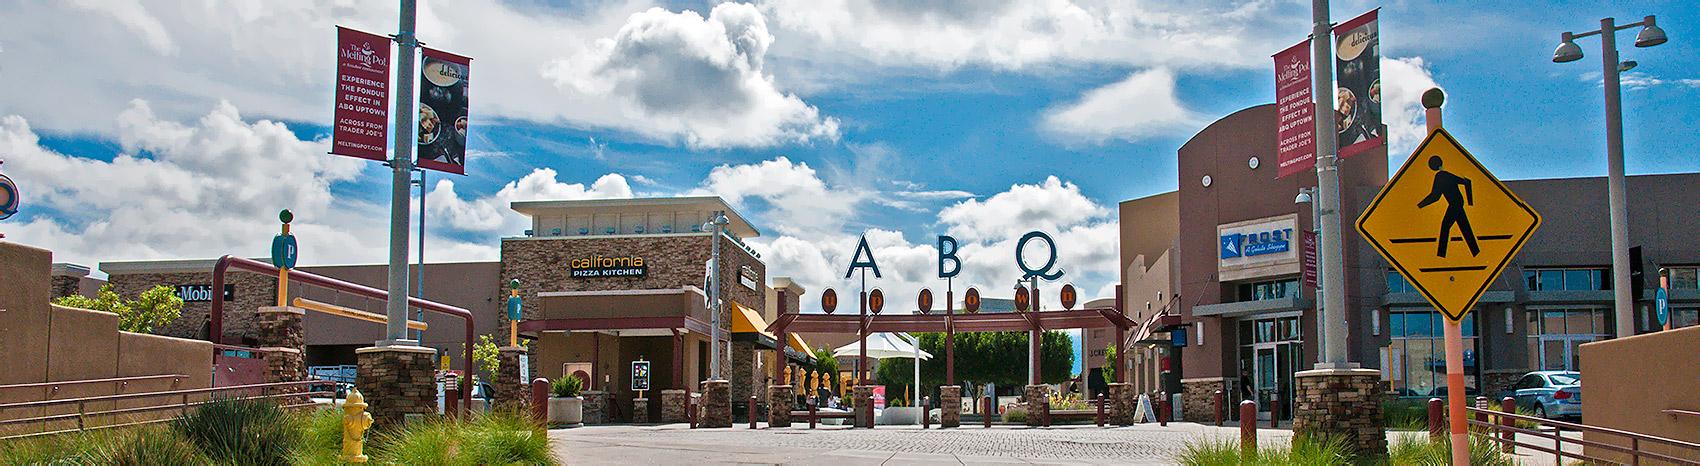 abq-uptown-round